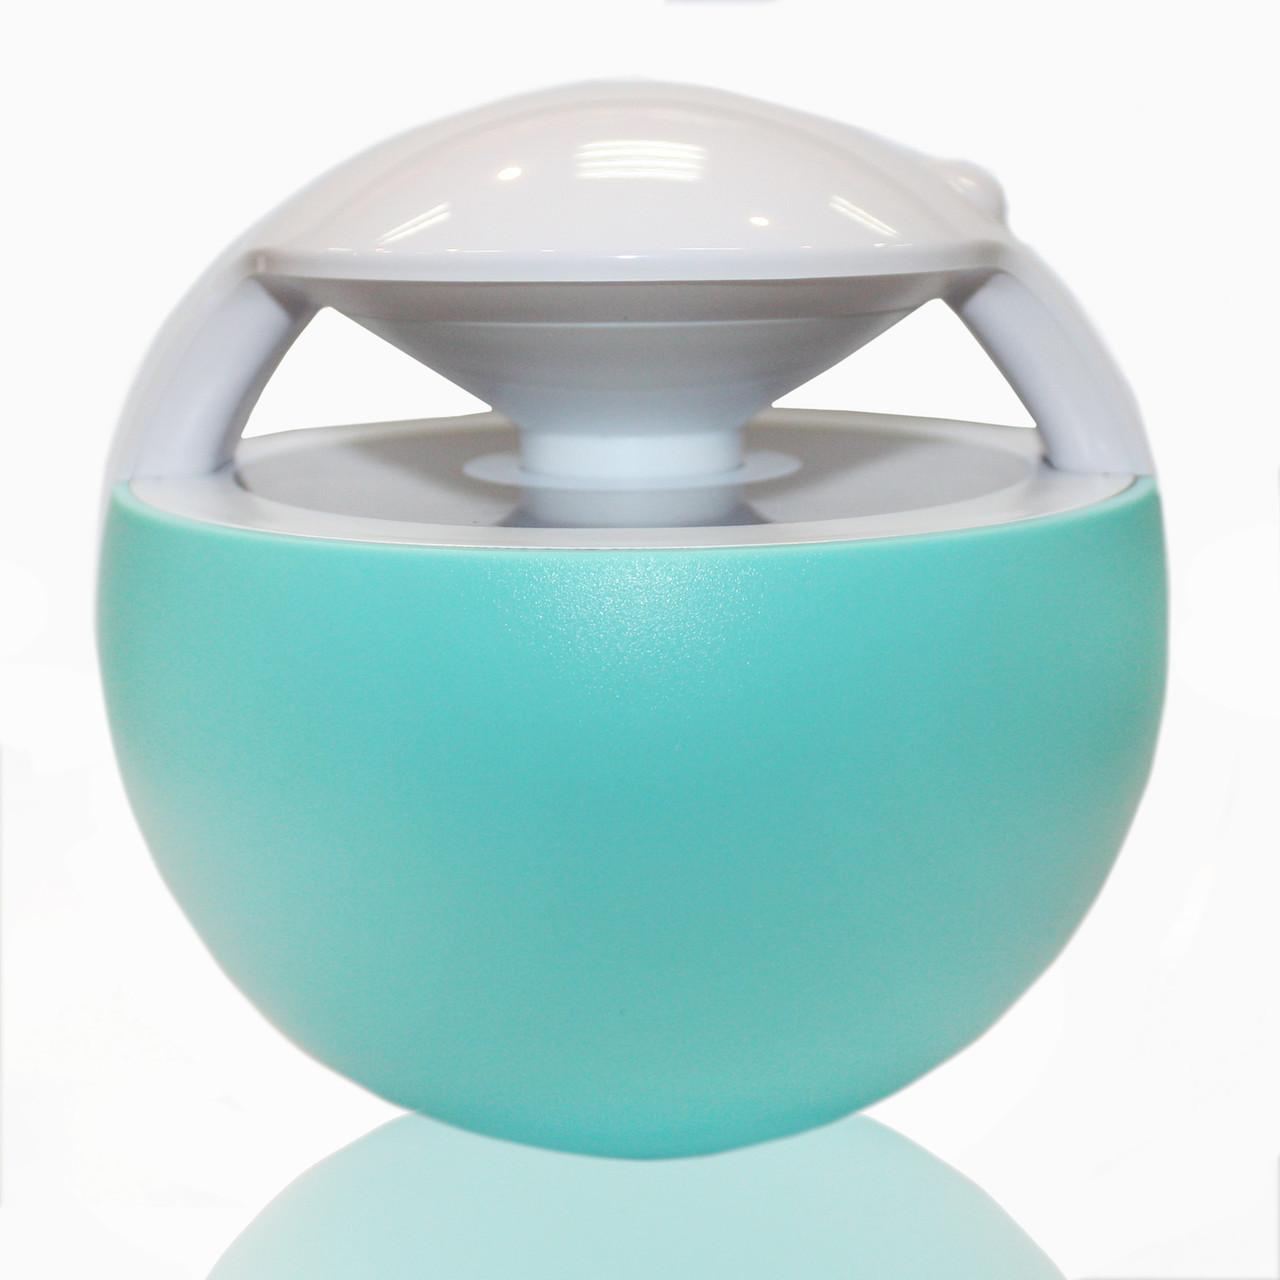 Увлажнитель воздуха WK Aqua Mini Humidifier WT-A01 Green